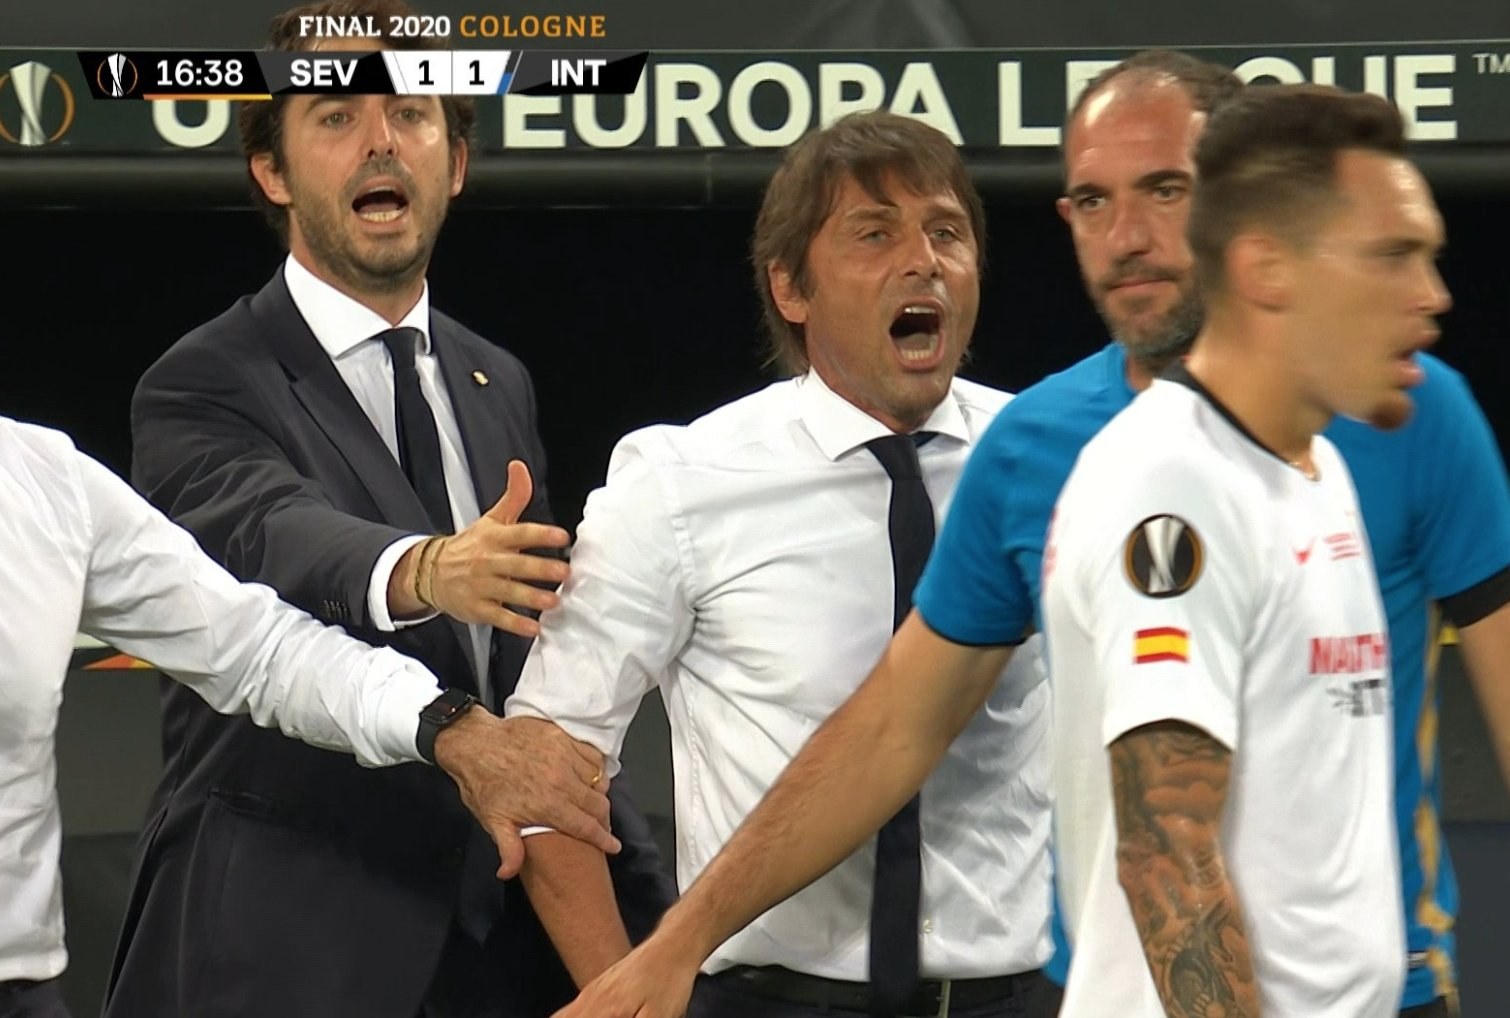 Hẹn gặp mày sau trận, HLV Inter Milan gạ cầu thủ đối phương đánh nhau vì bị lôi quá khứ hói đầu ra mỉa mai ở chung kết Europa League - Ảnh 1.